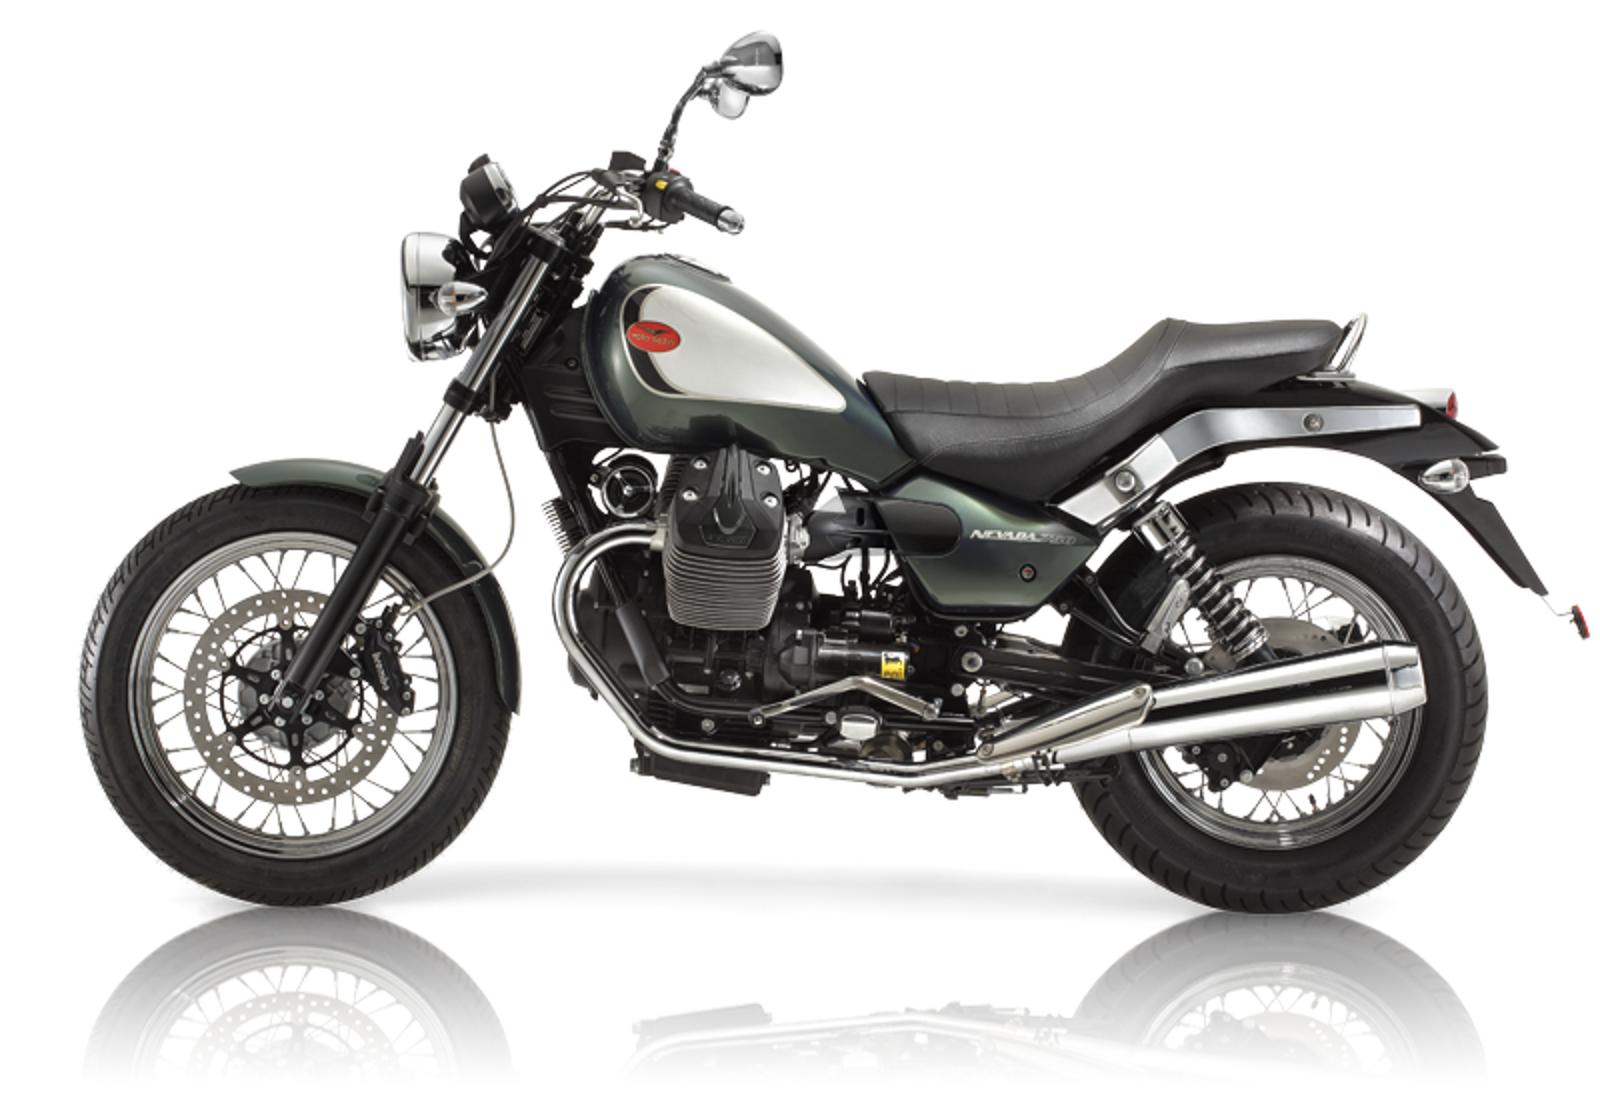 Nevada 750 Classic Moto Guzzi Moto Guzzi Moto Motorcycle